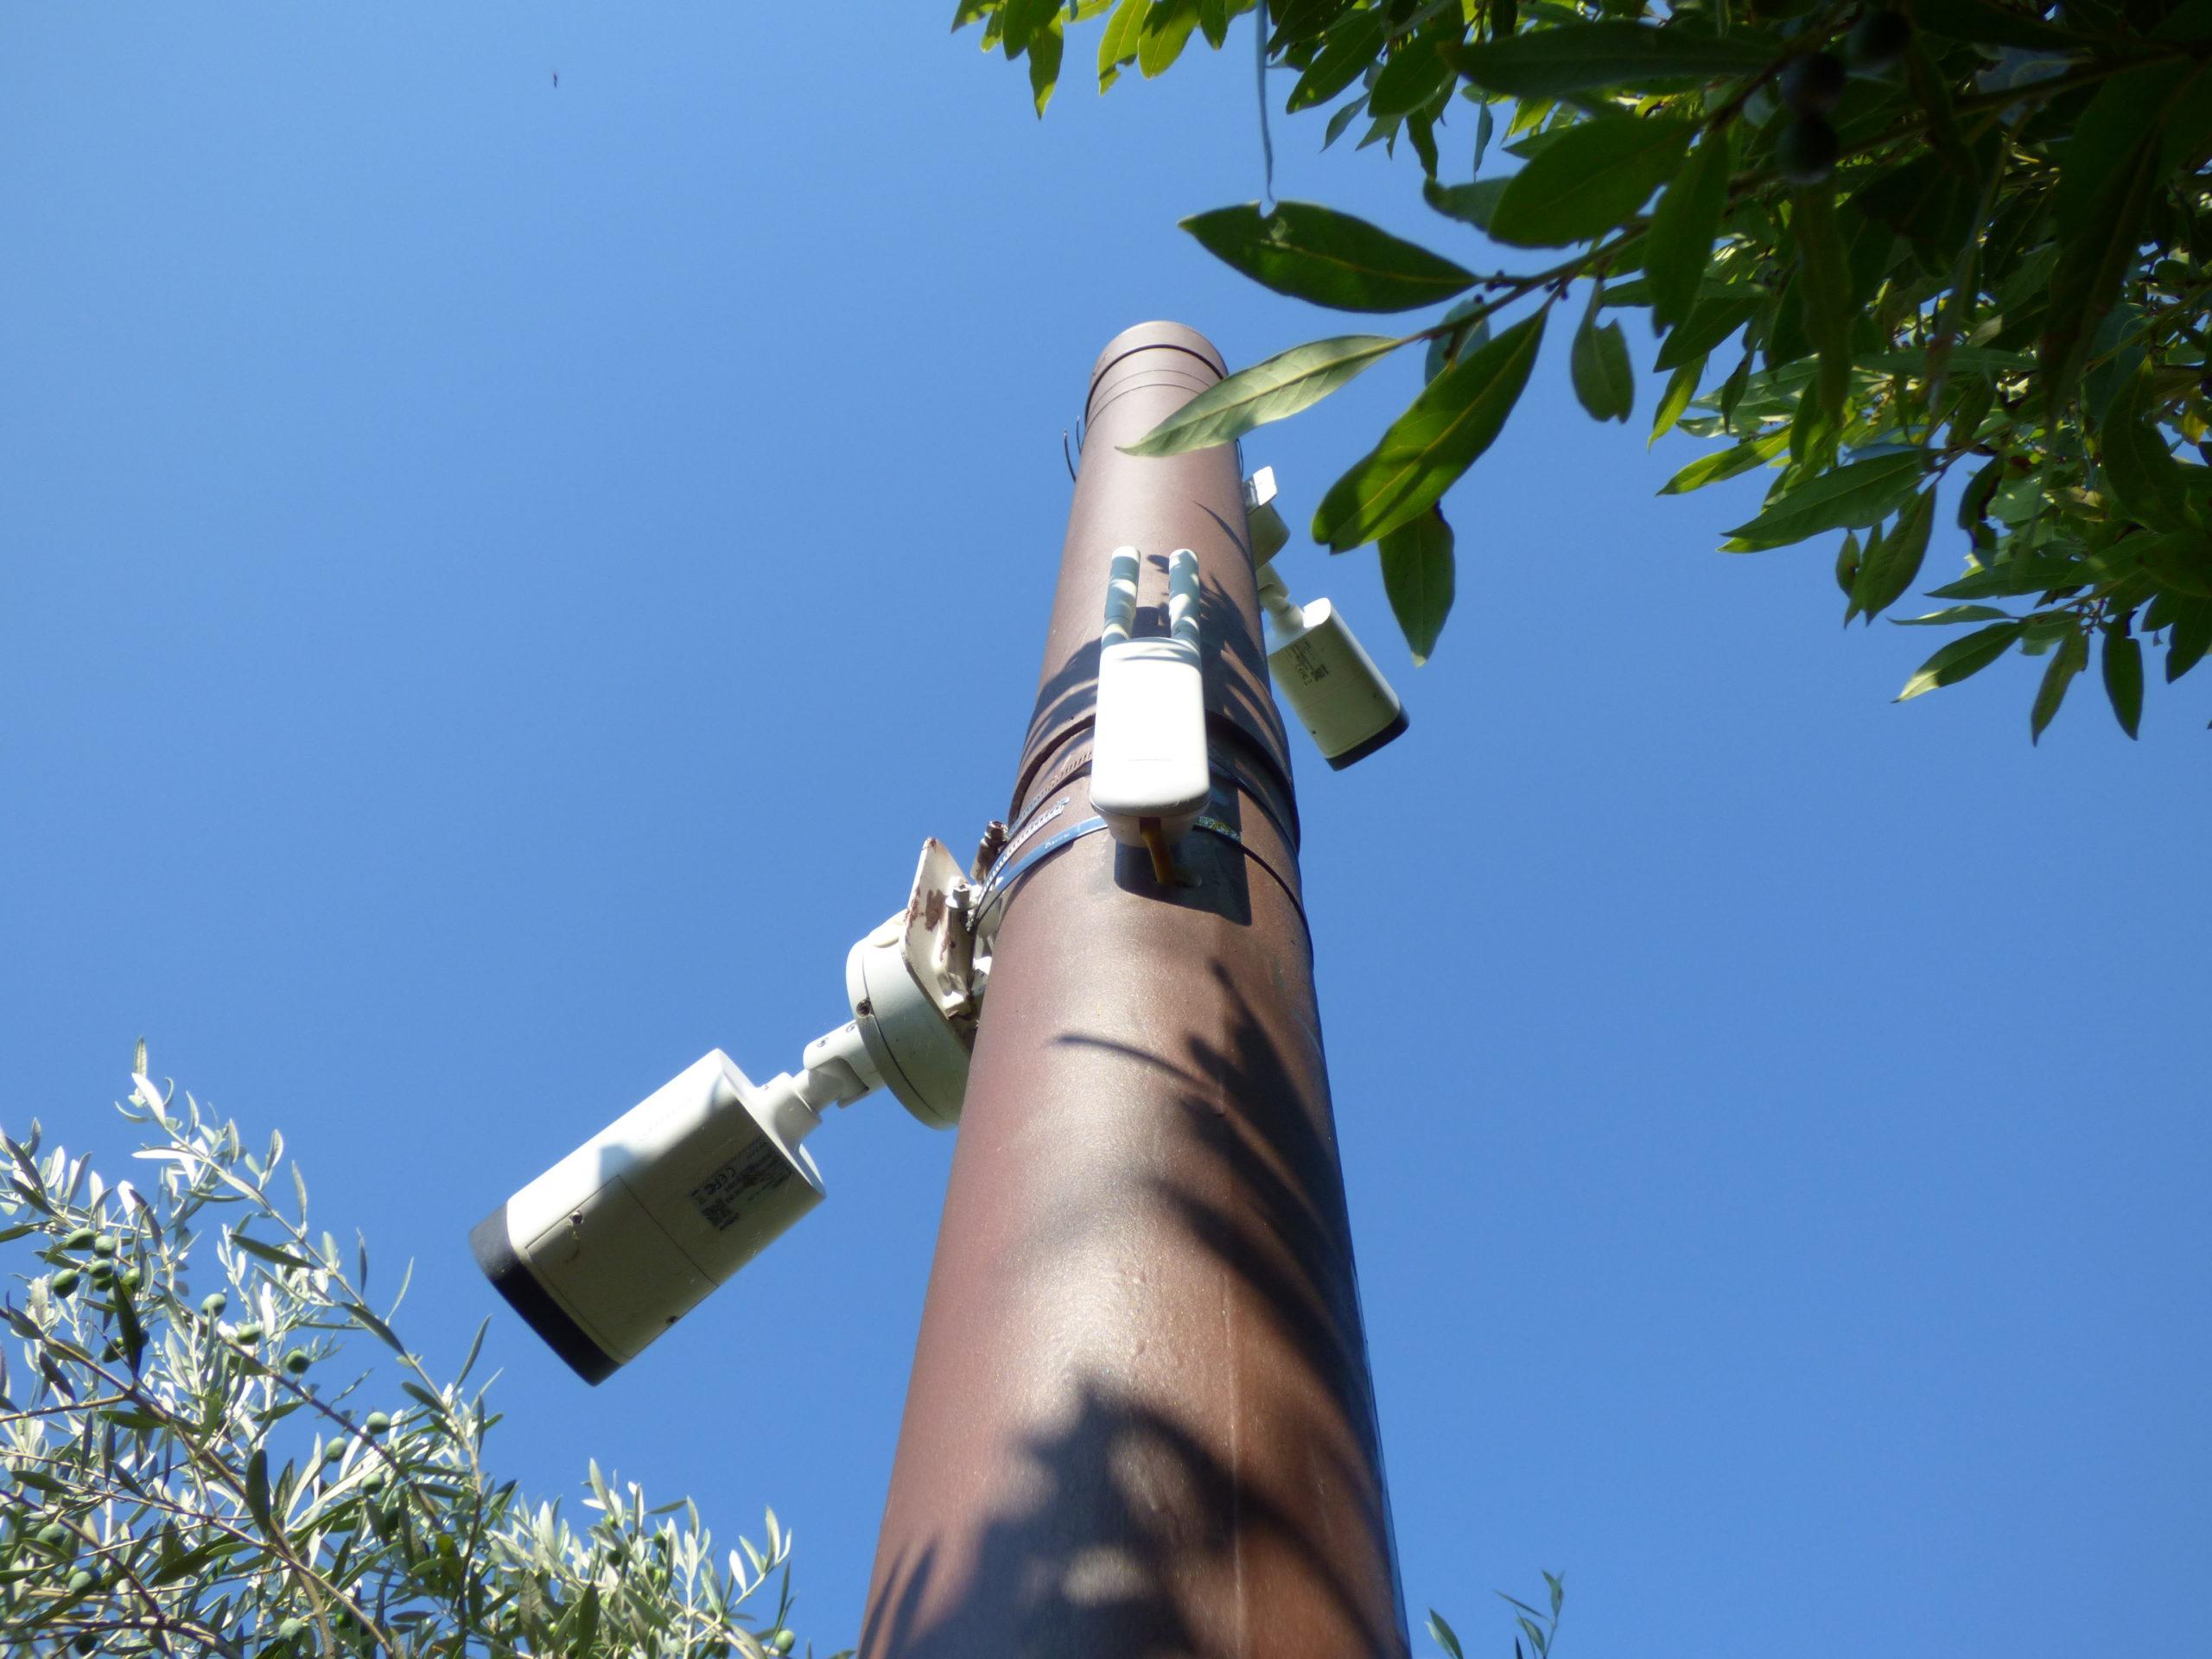 Caméra de vidéosurveillance tube sur un poteau surveillant les extérieurs d'une villa. Il y a aussi une borne wifi pour capter internet dans le jardin.